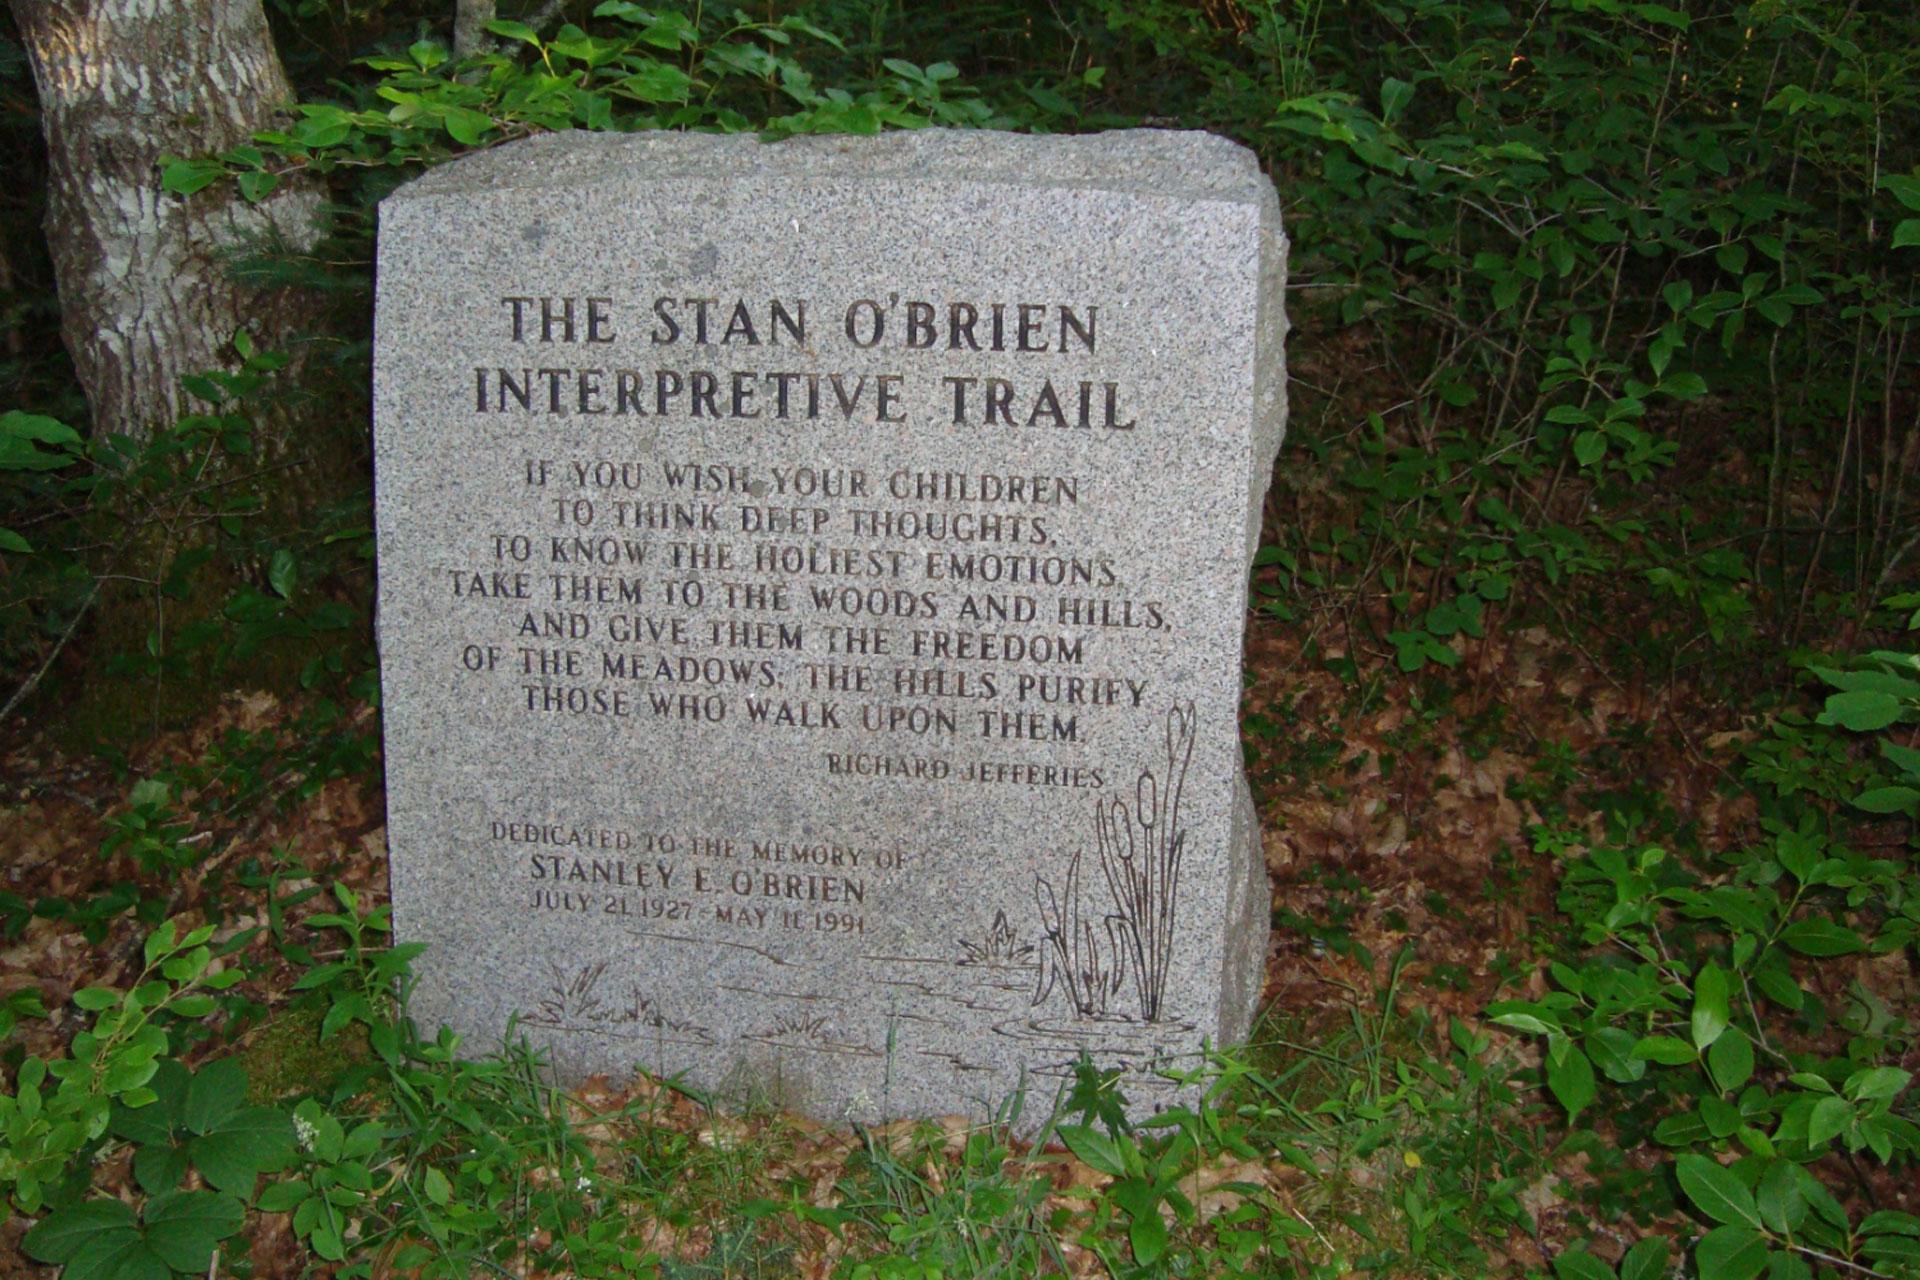 Stan O'Brien Interpretive Trail